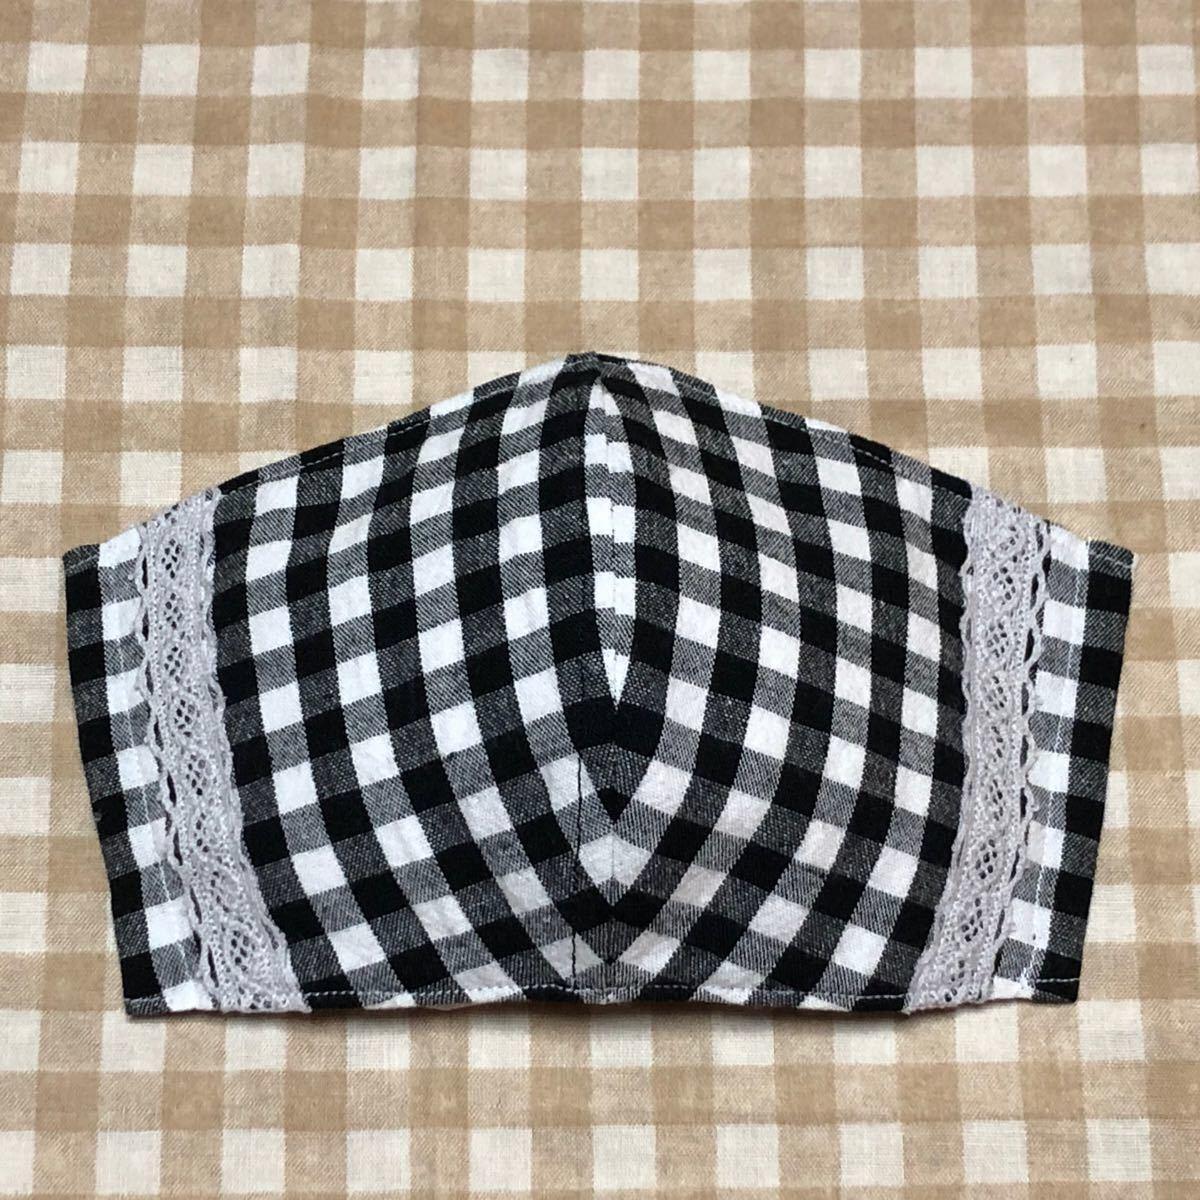 ★ハンドメイド・黒×白/チェック・レース付・立体インナーカバー×1枚(ポケット付)